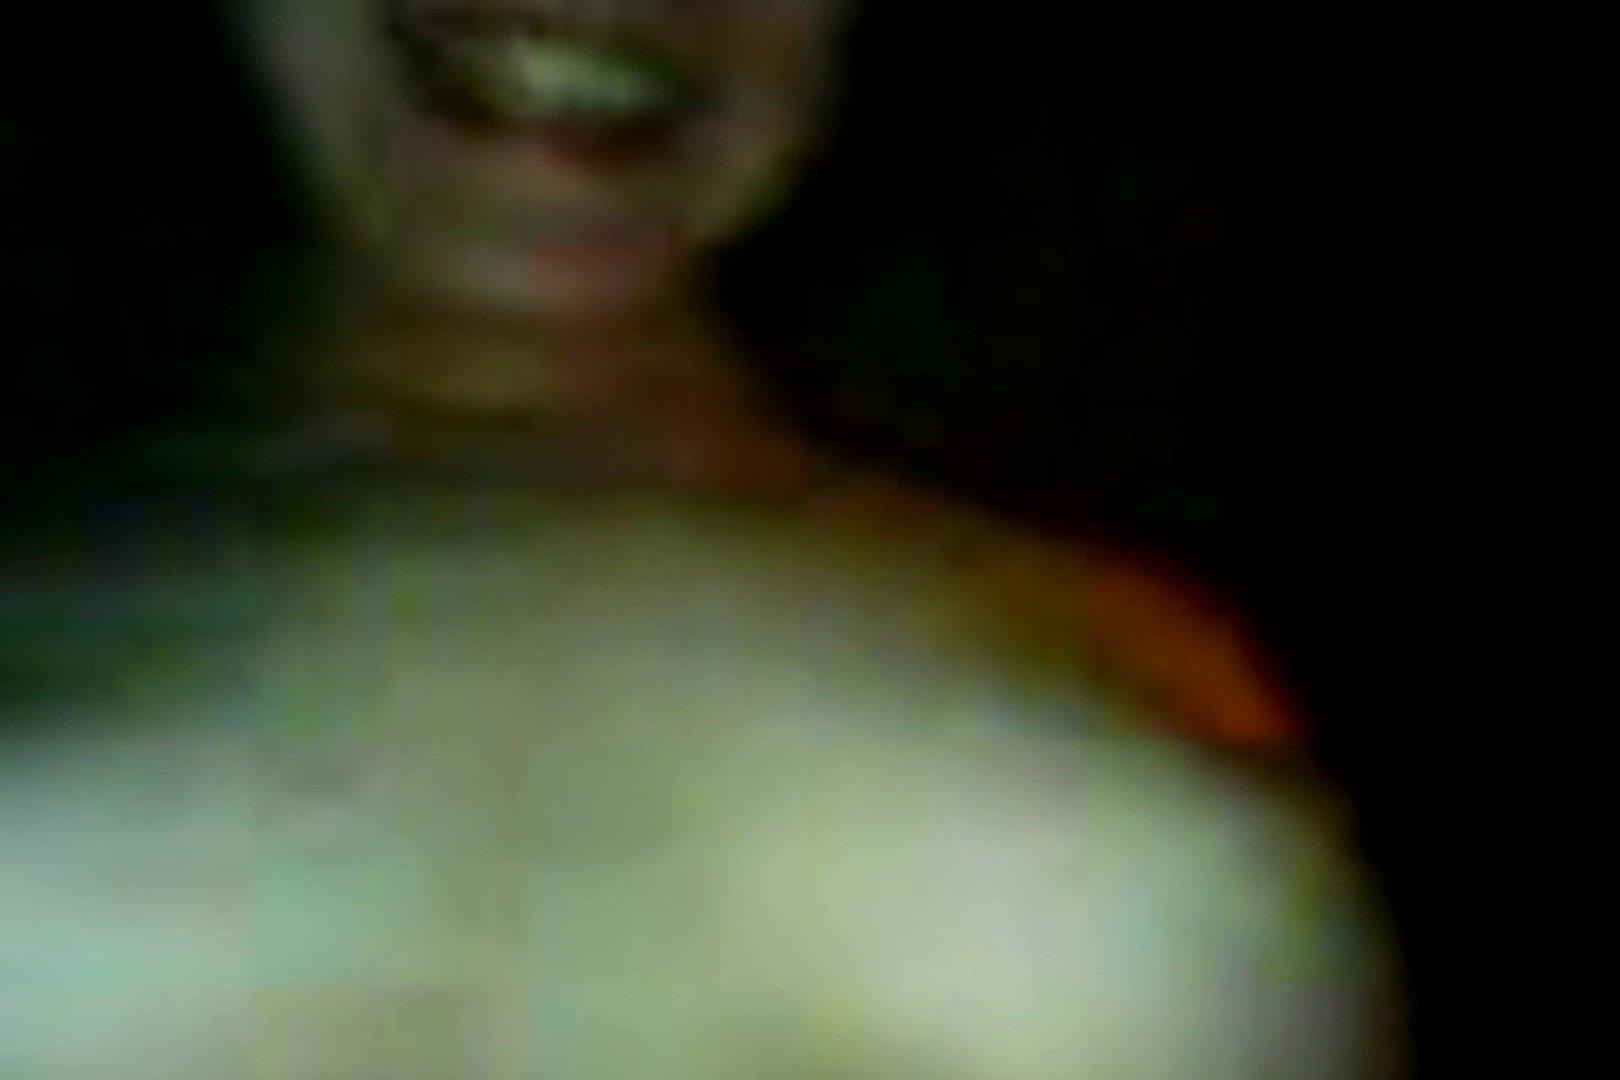 ウイルス流出 串田良祐と小学校教諭のハメ撮りアルバム 学校 | 卑猥  92pic 41